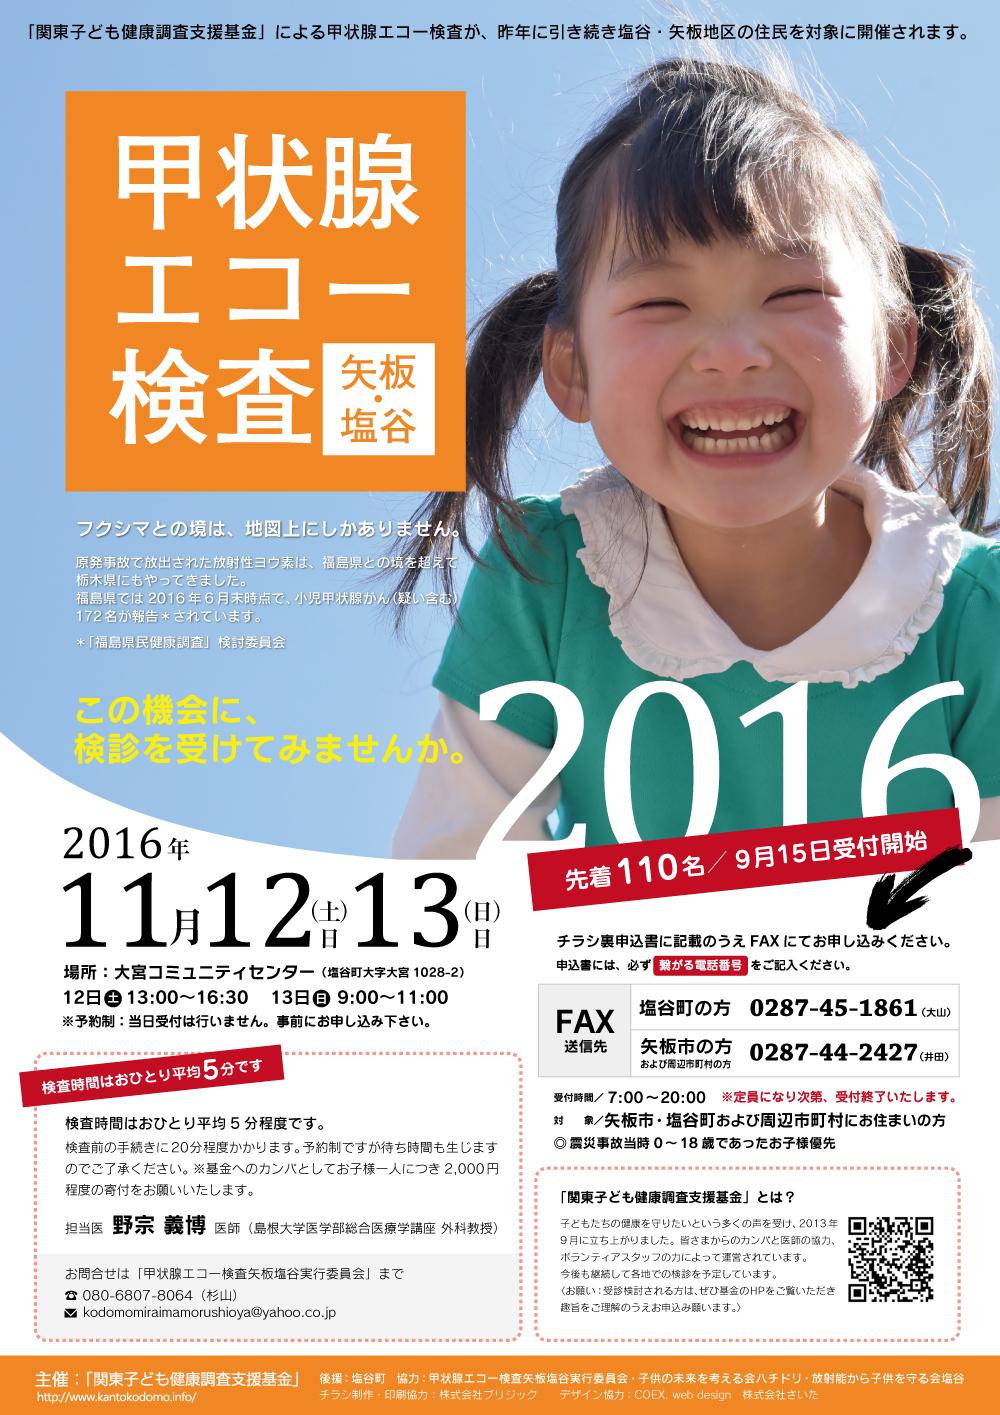 甲状腺エコー検査オモテ (1)